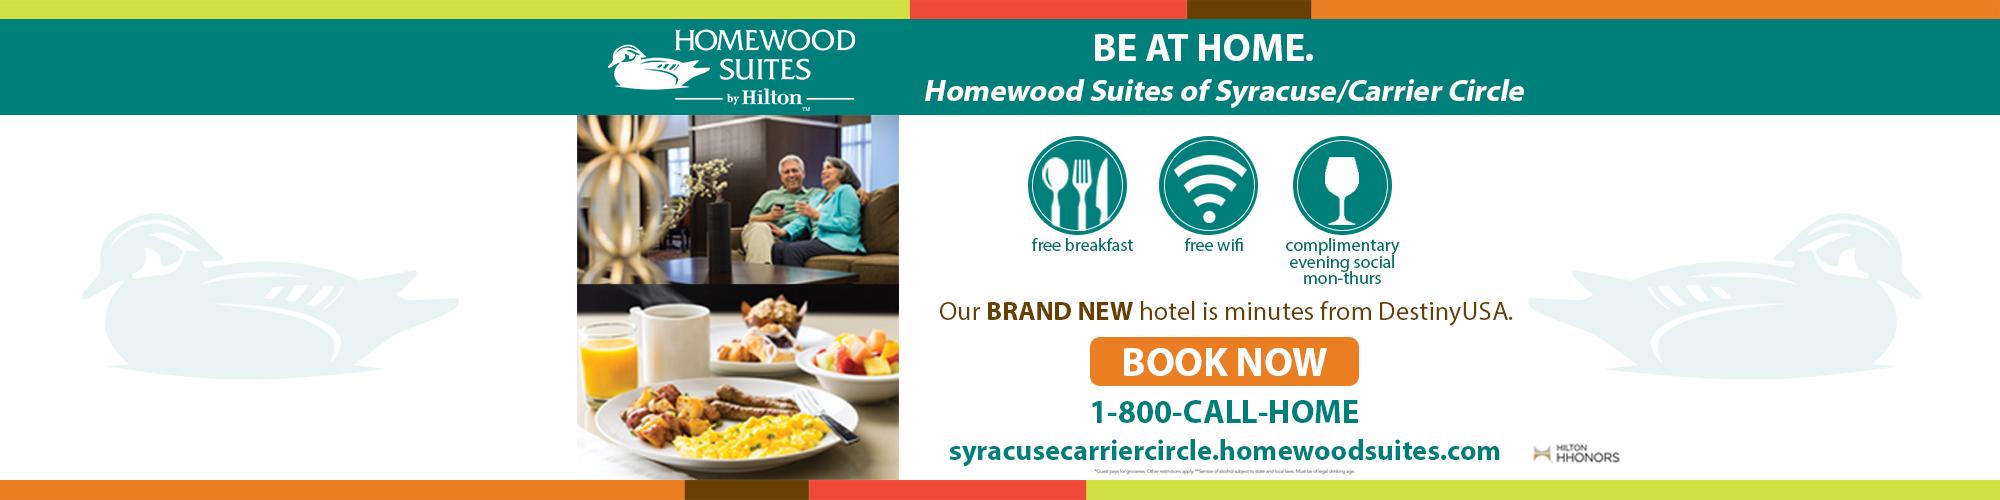 Homewood Suites Slider Banner